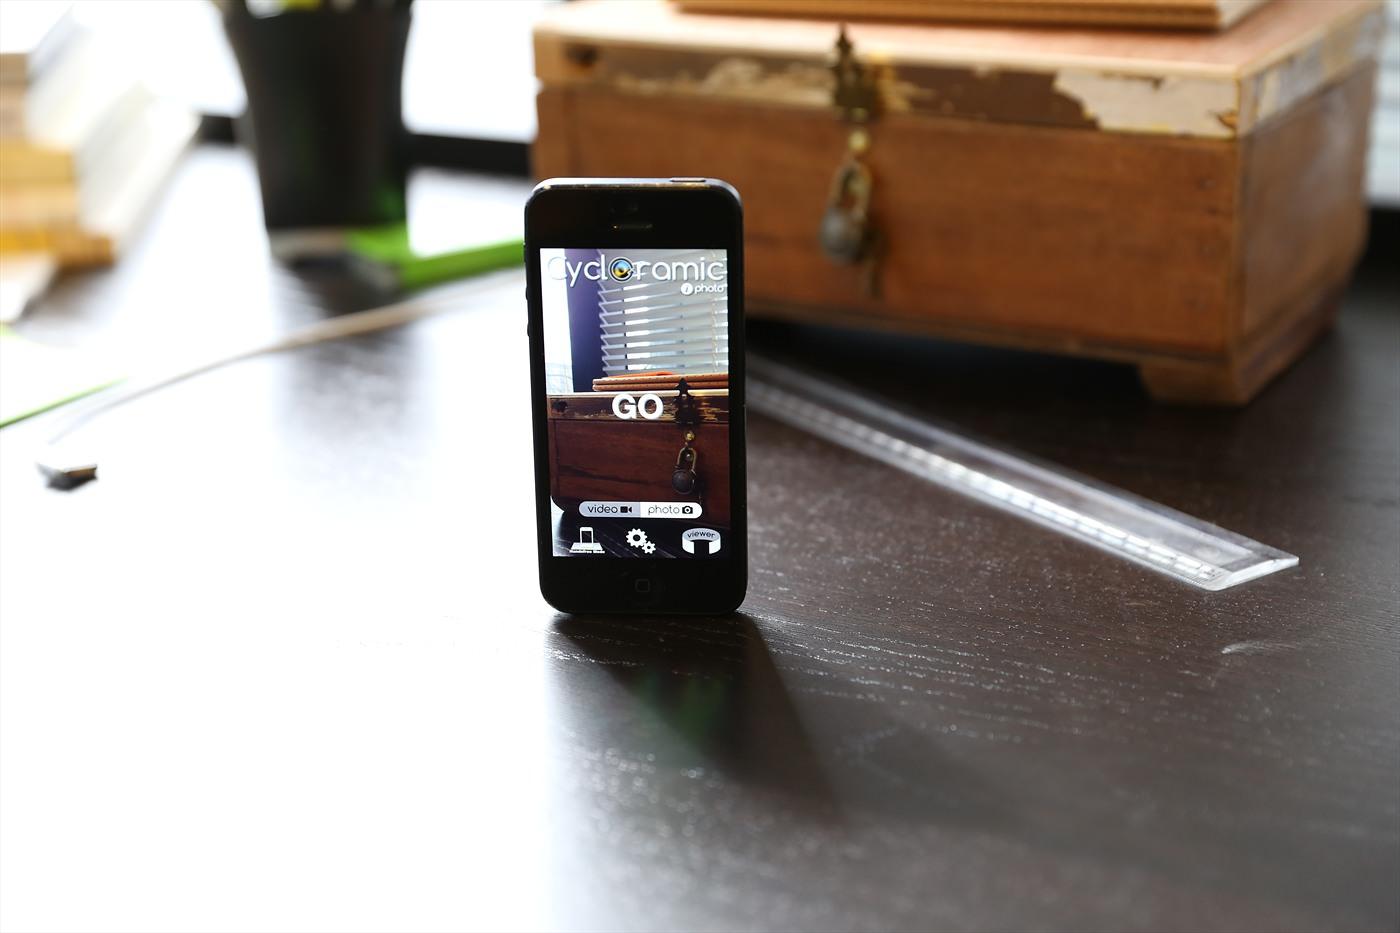 iPhone panoramas cycloramic